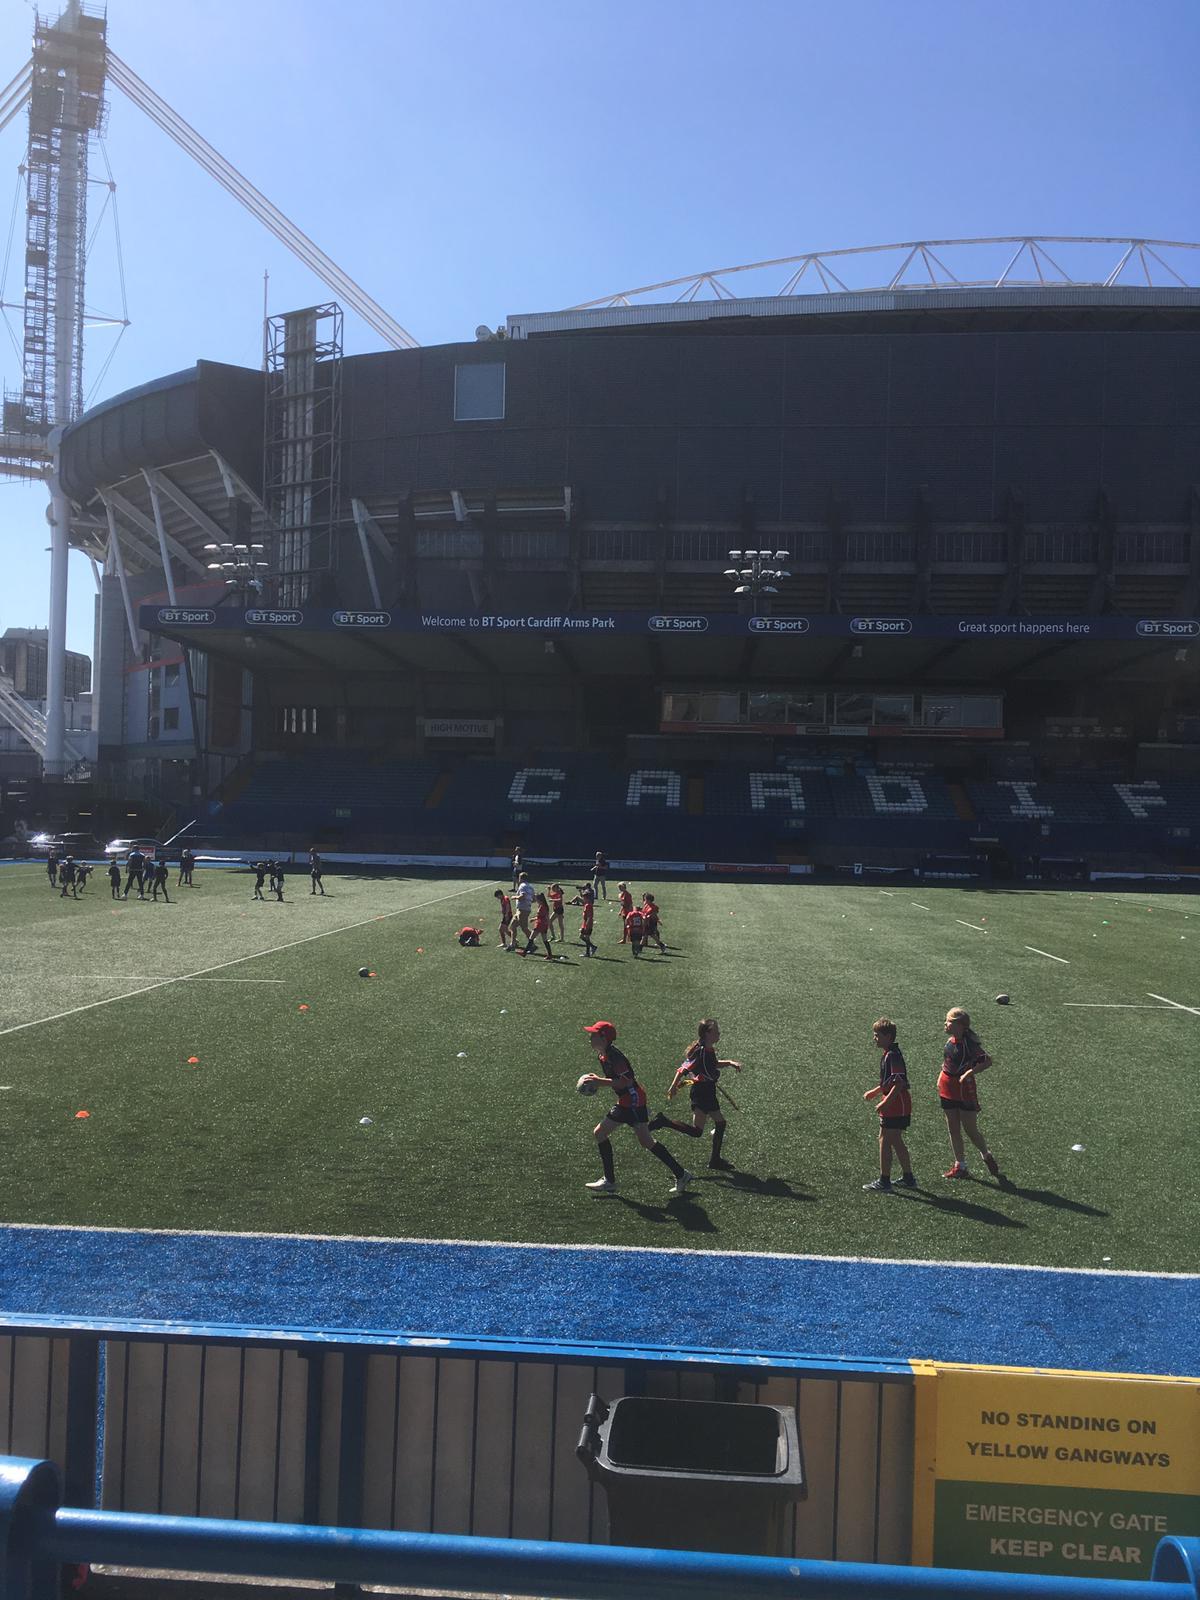 Cardiff Arms Park 2019